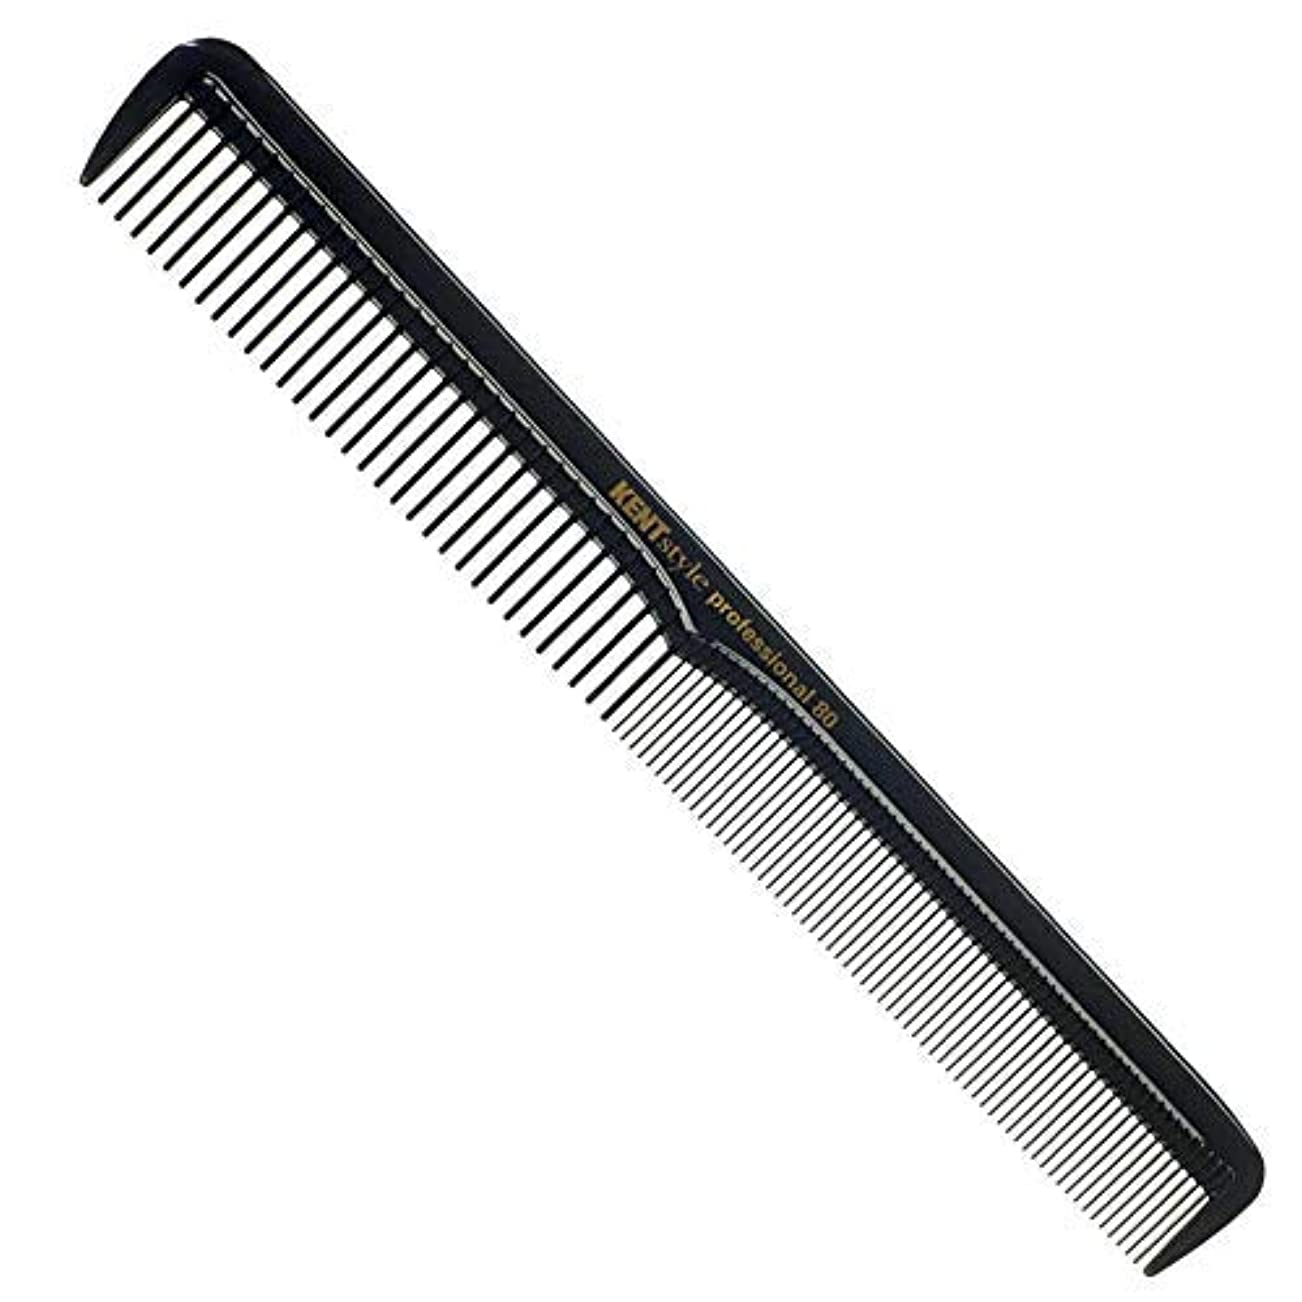 後者ブルジョンインタビューKent Style Professional Combs (Black) - Anti-static, Unbreakable & Heat Resistant (SPC80) [並行輸入品]